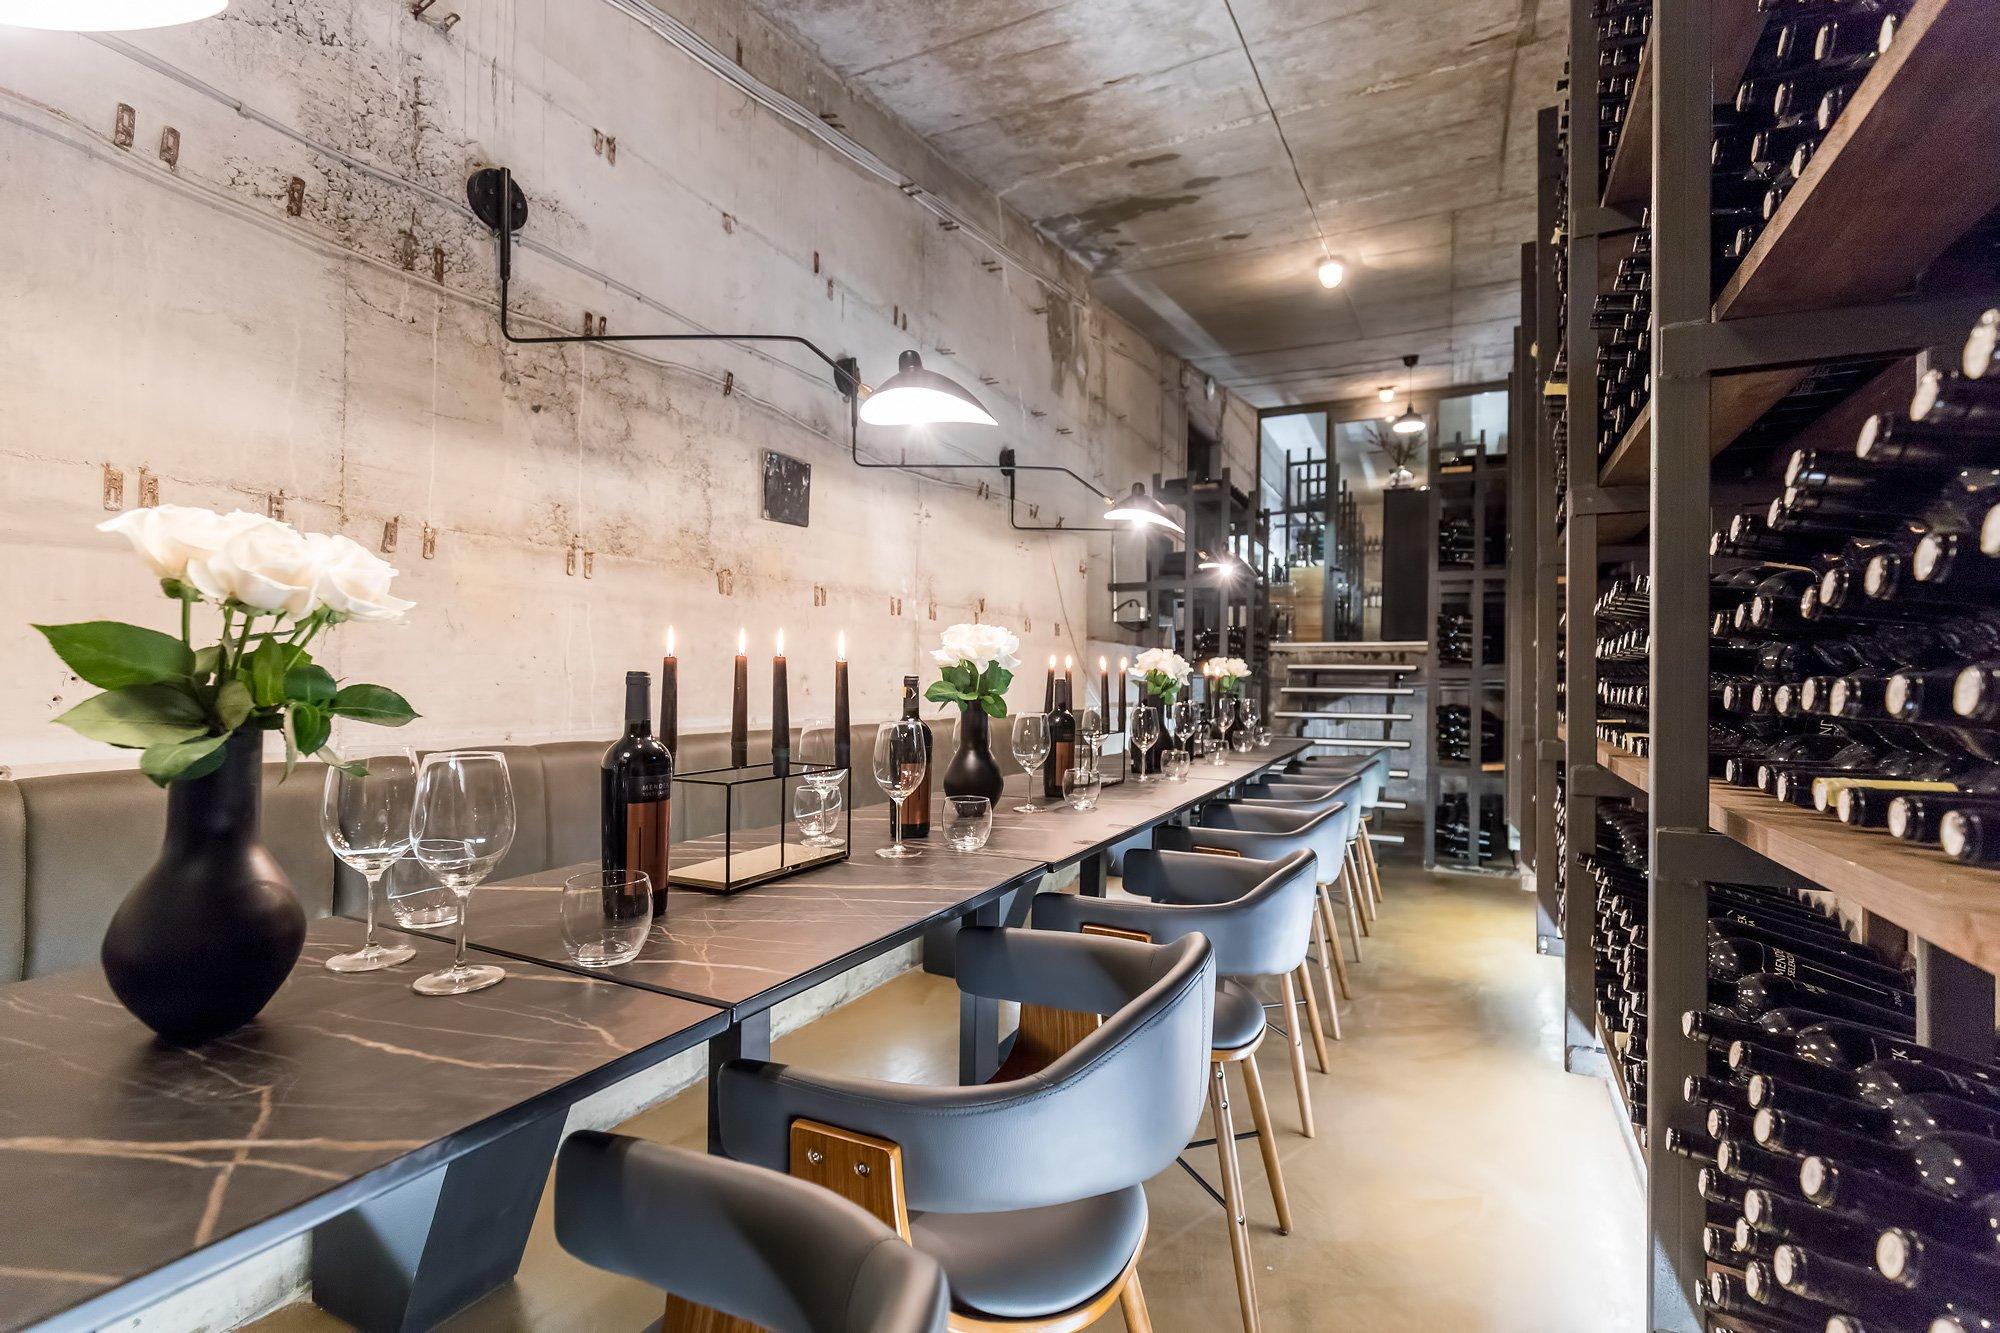 Jedno novo mjesto u Zagrebu savršena je kulisa za intimne zabave uz najfiniju hranu